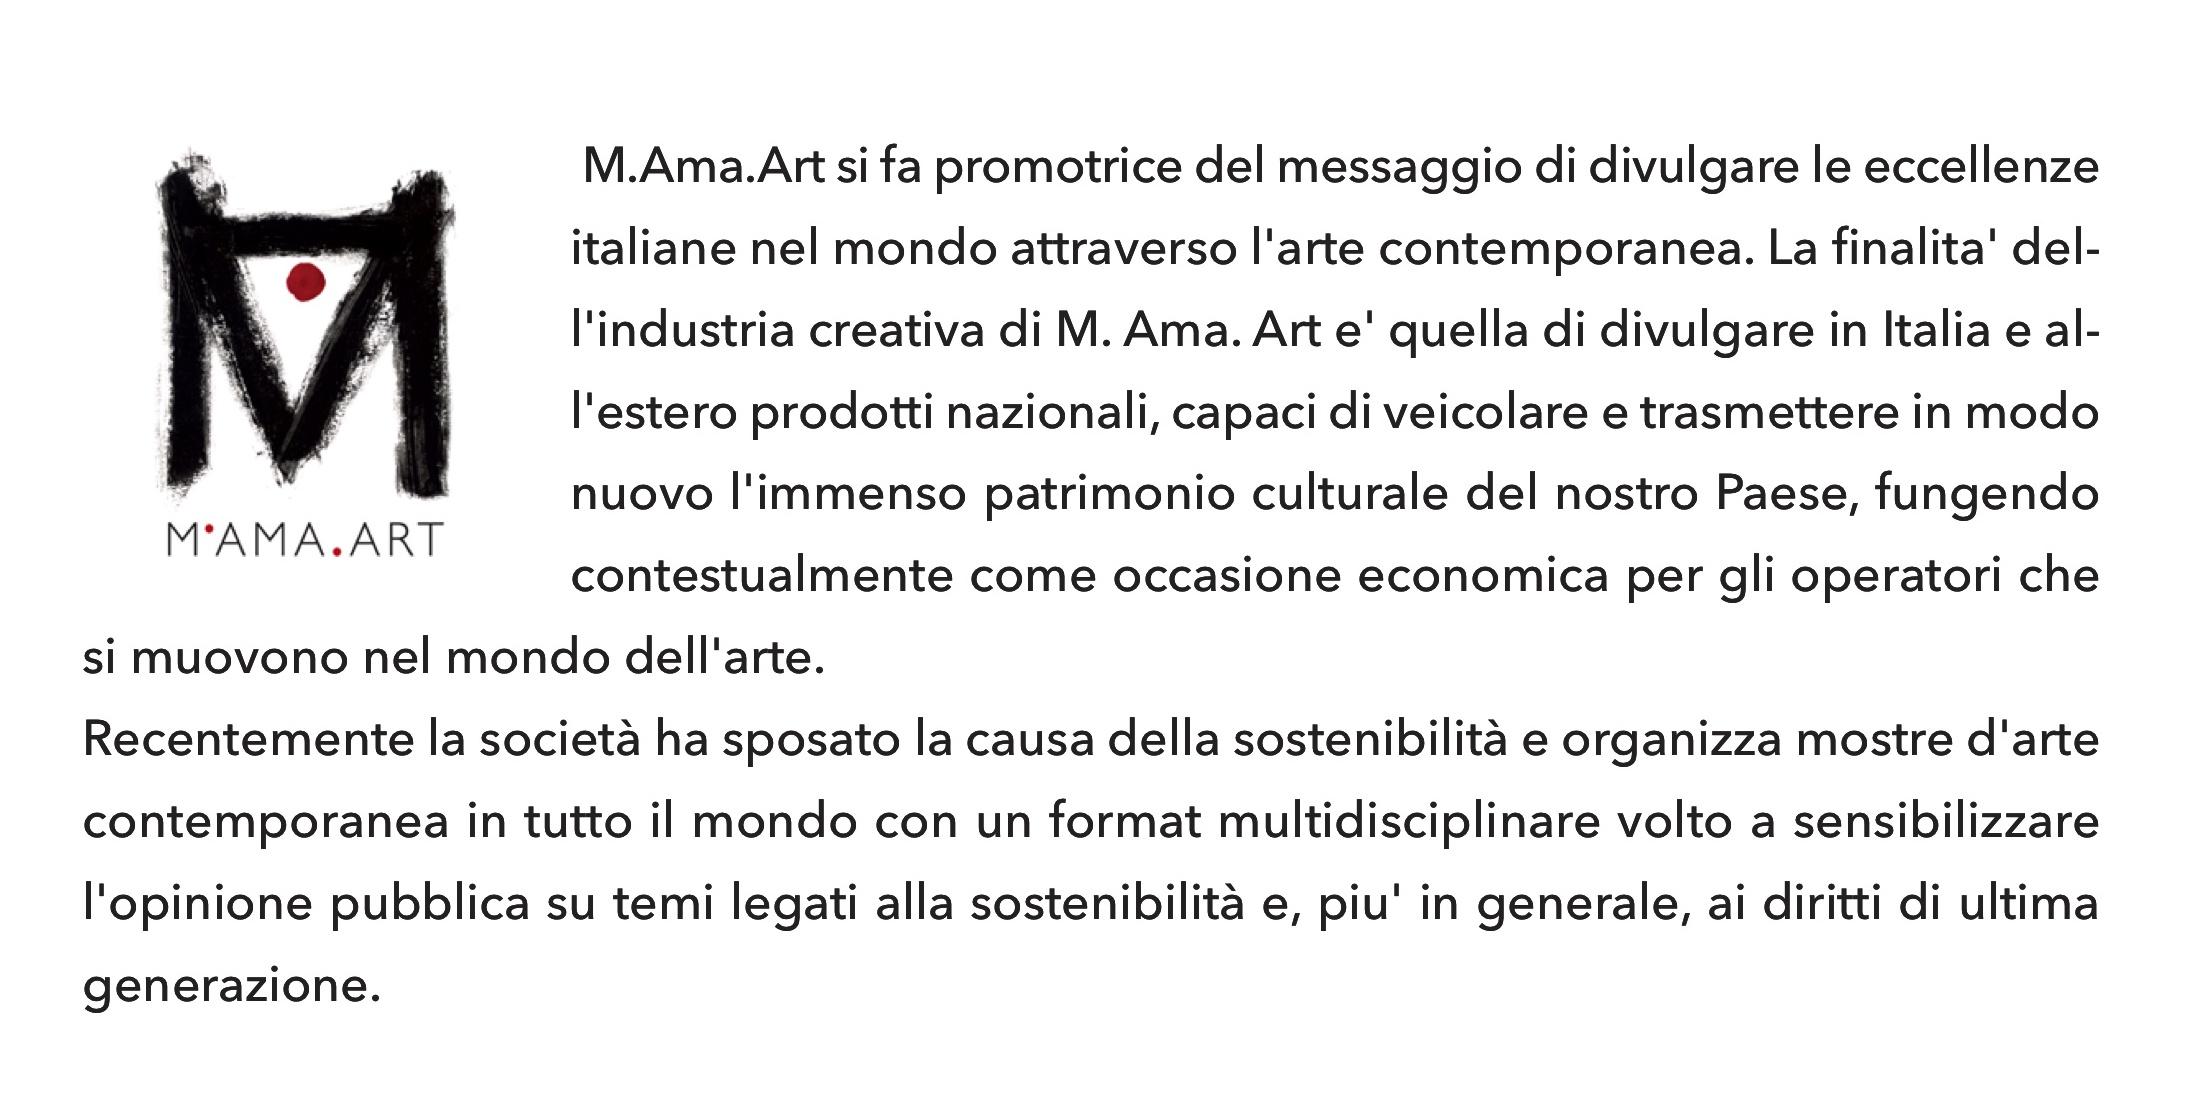 M.Ama.Art